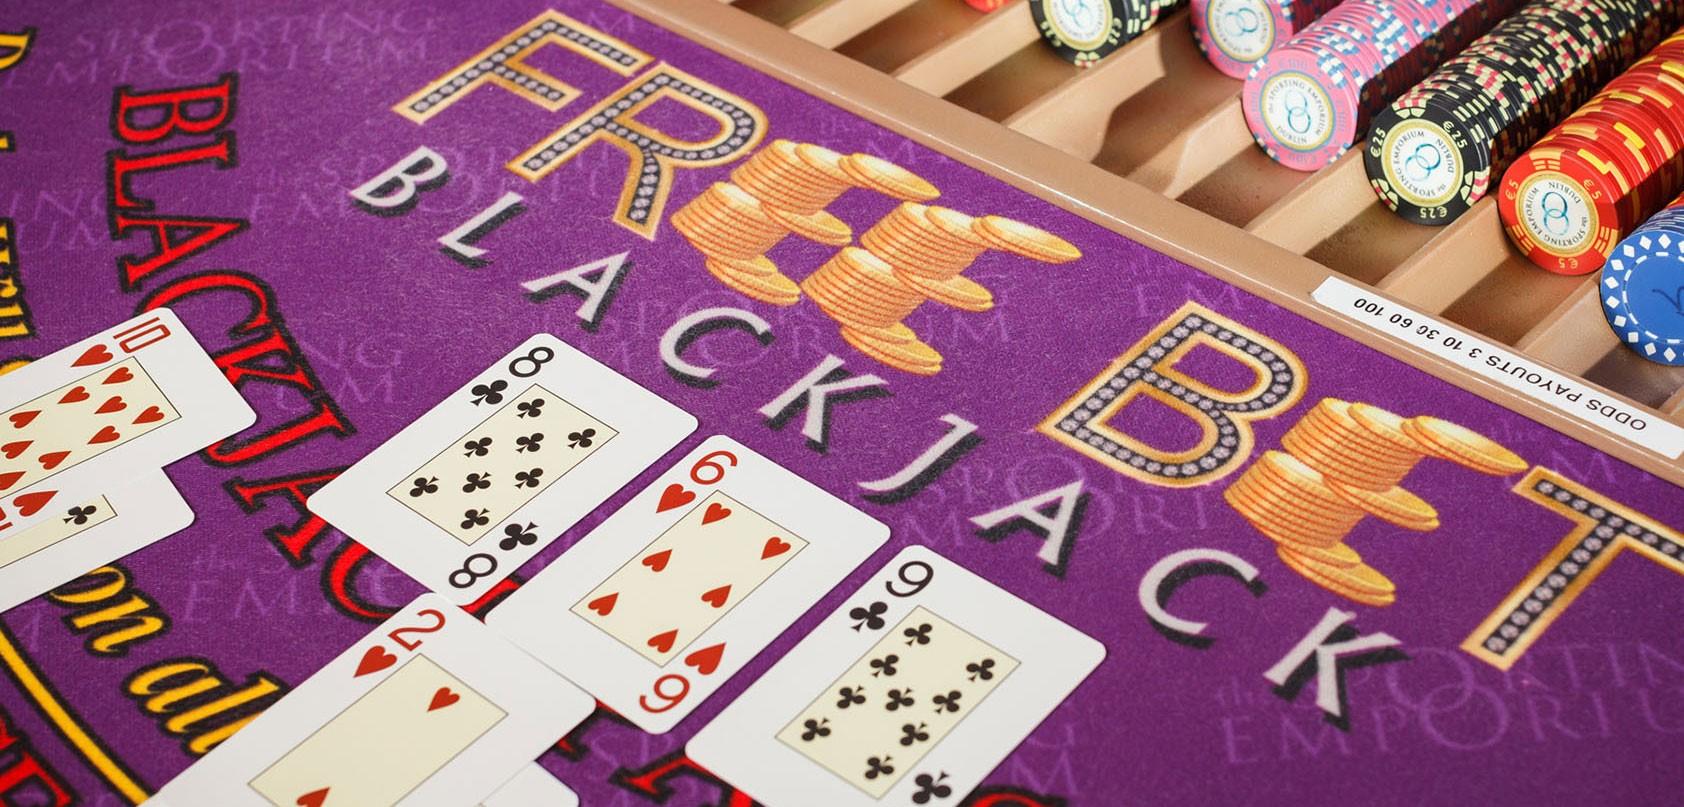 bedava blackjack oyna siteleri 2021 nelerdir